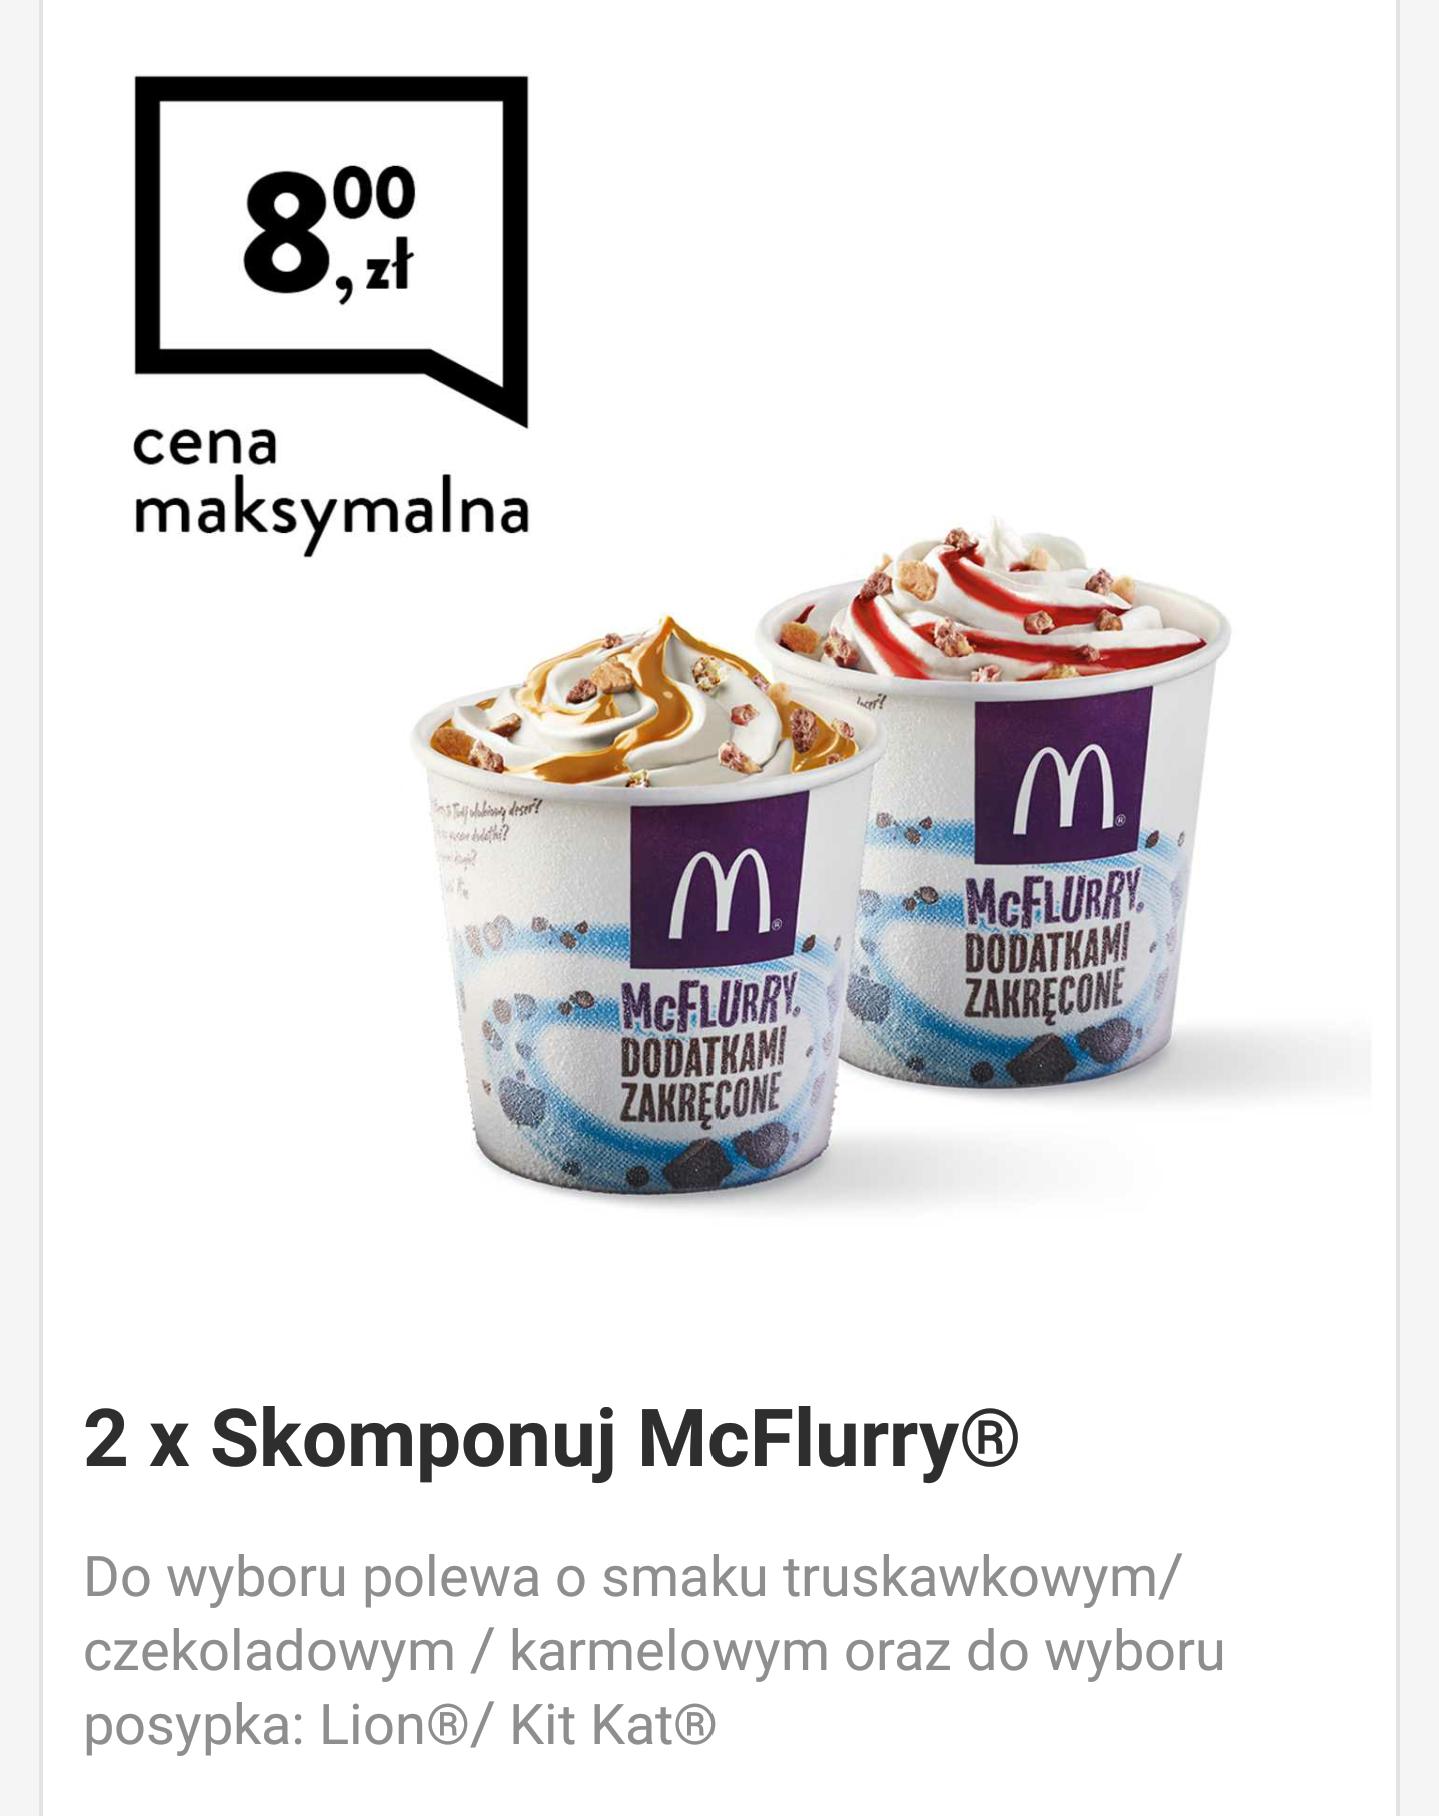 2x McFlurry za 8zł